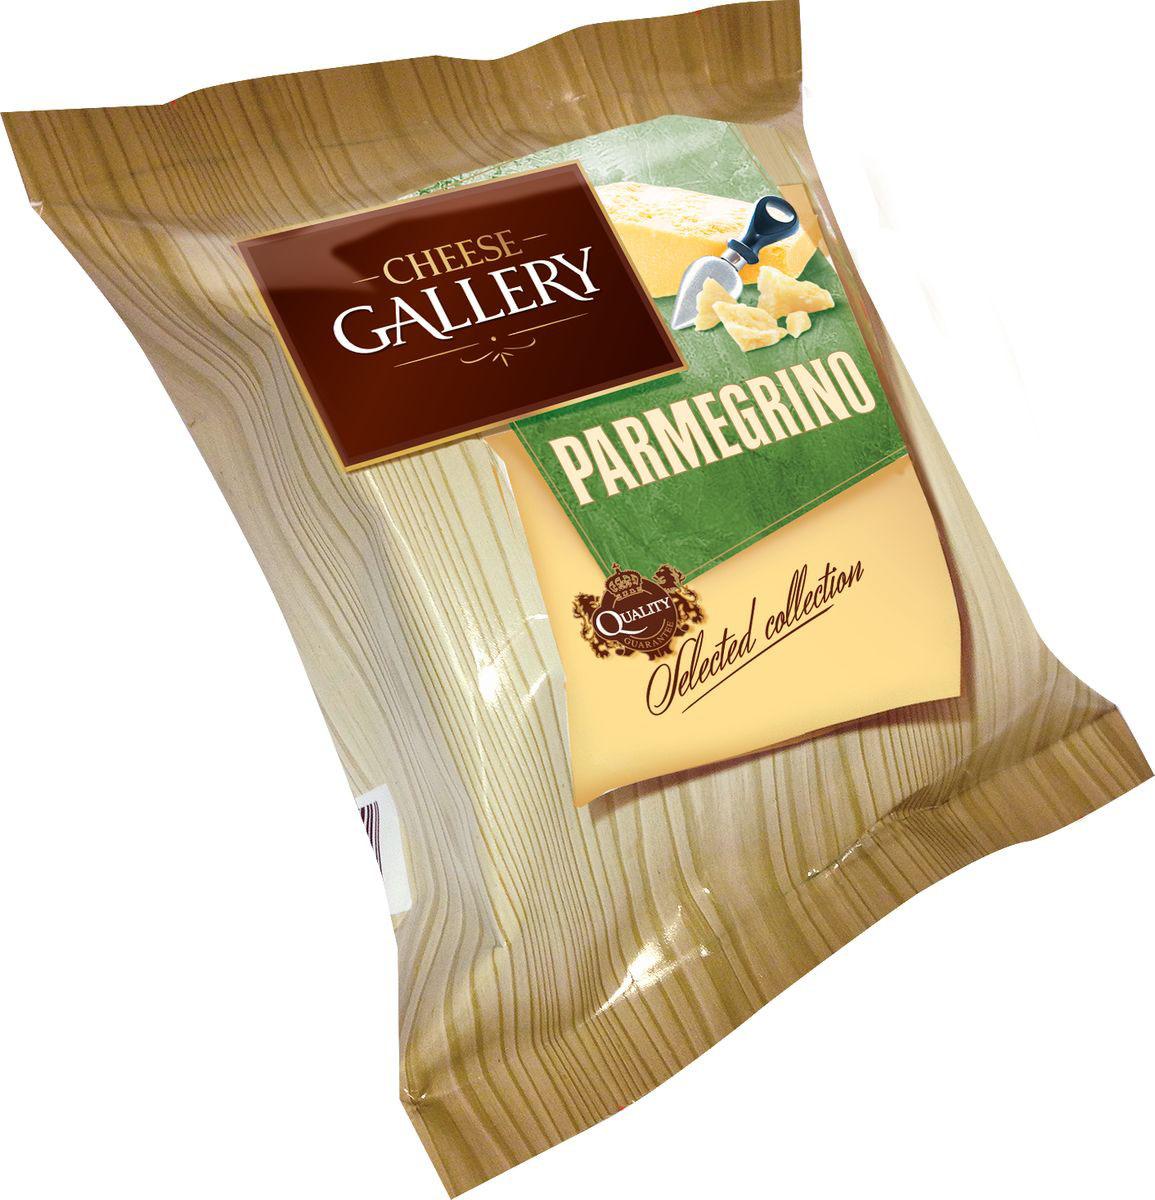 Cheese Gallery Сыр Гойя Parmegrino, 40%, 250 г105-790Сыр Гойя – это твердый выдержанный сыр типа Пармезан Он имеет плотную консистенцию и яркий пикантный вкус Сыр можно употреблять как самостоятельное блюдо или использовать в виде добавок к пасте, пицце, супам и салатам, его также едят с бальзамическим уксусом Жирность сыра 40% Калорийность 384 ккал